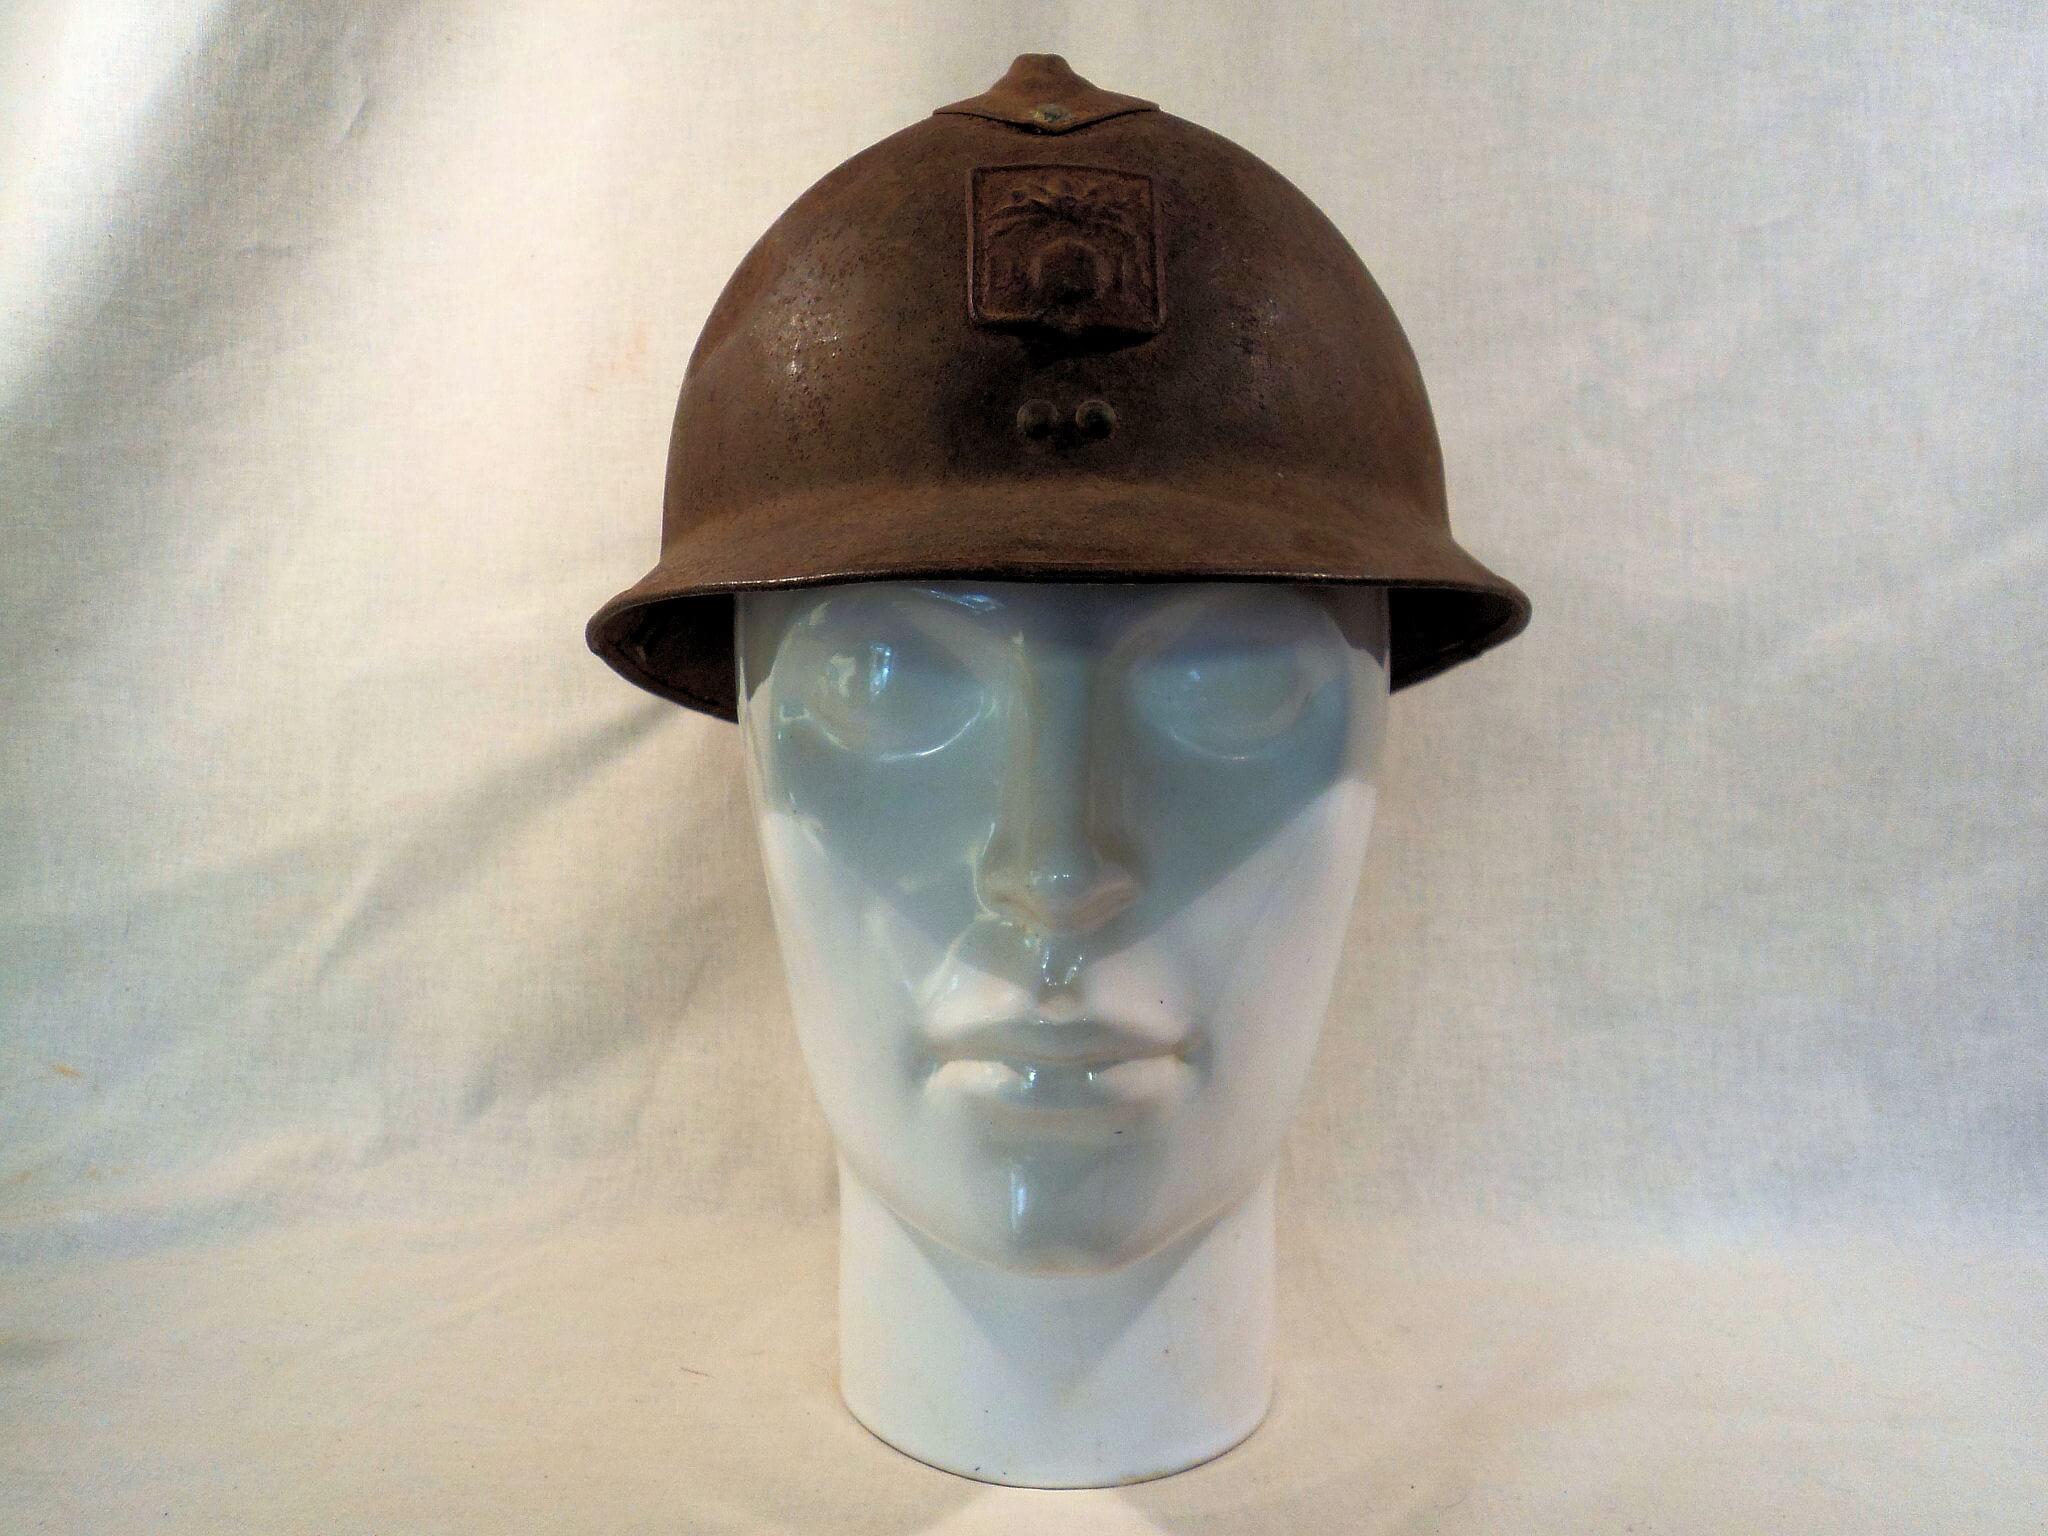 Franse helm burgerbescherming uit de tweede wereldoorlog